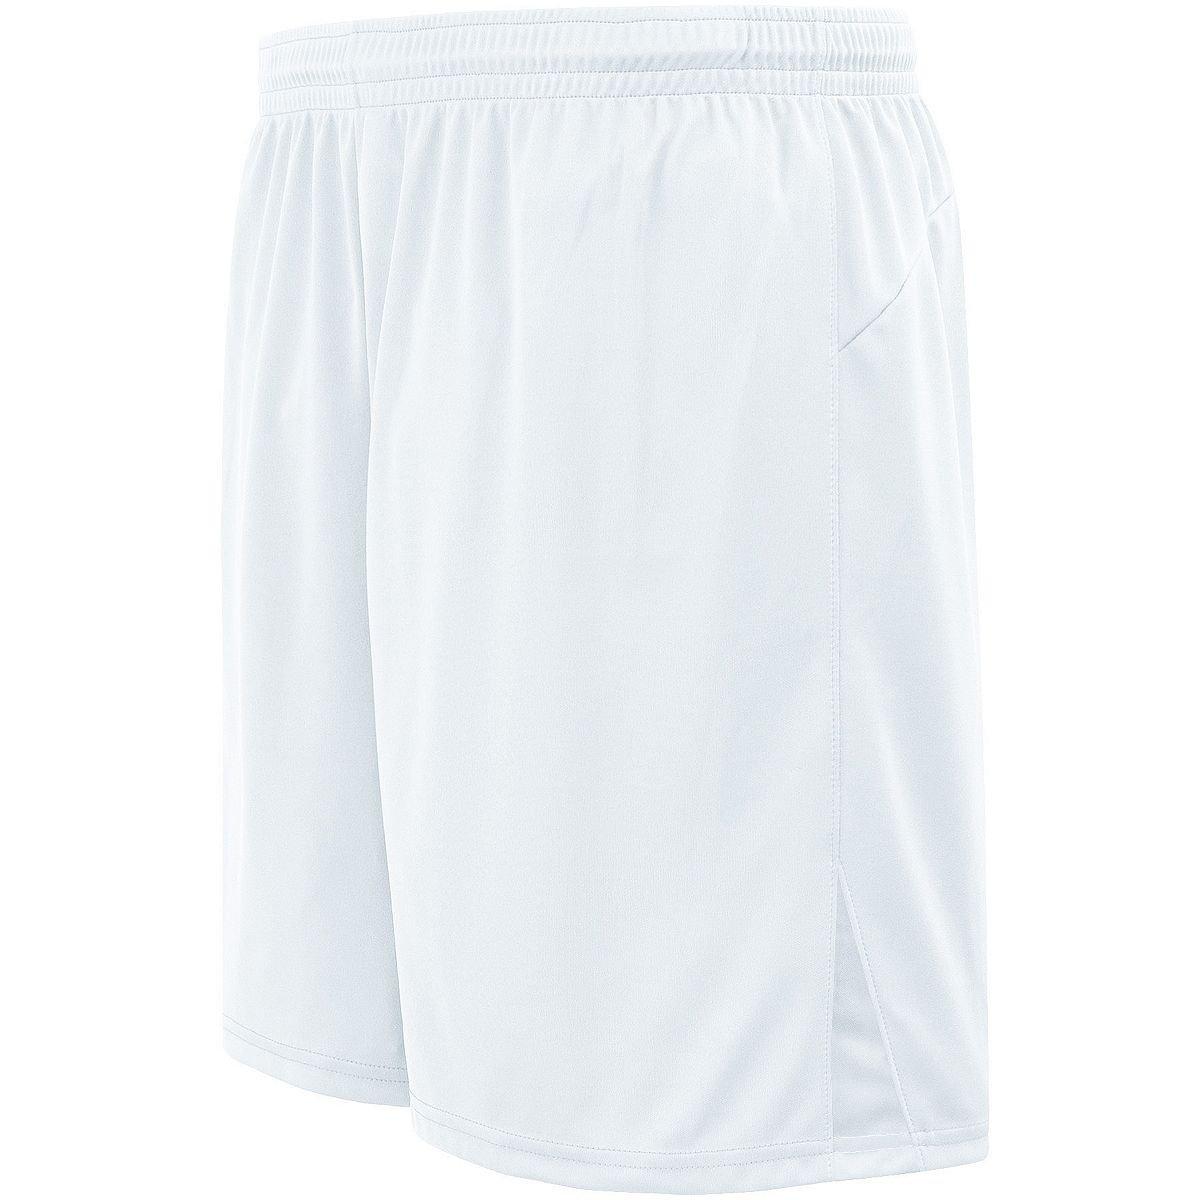 HighFive SHORTS メンズ B00QGQKD22 XL|ホワイト/ホワイト ホワイト/ホワイト XL